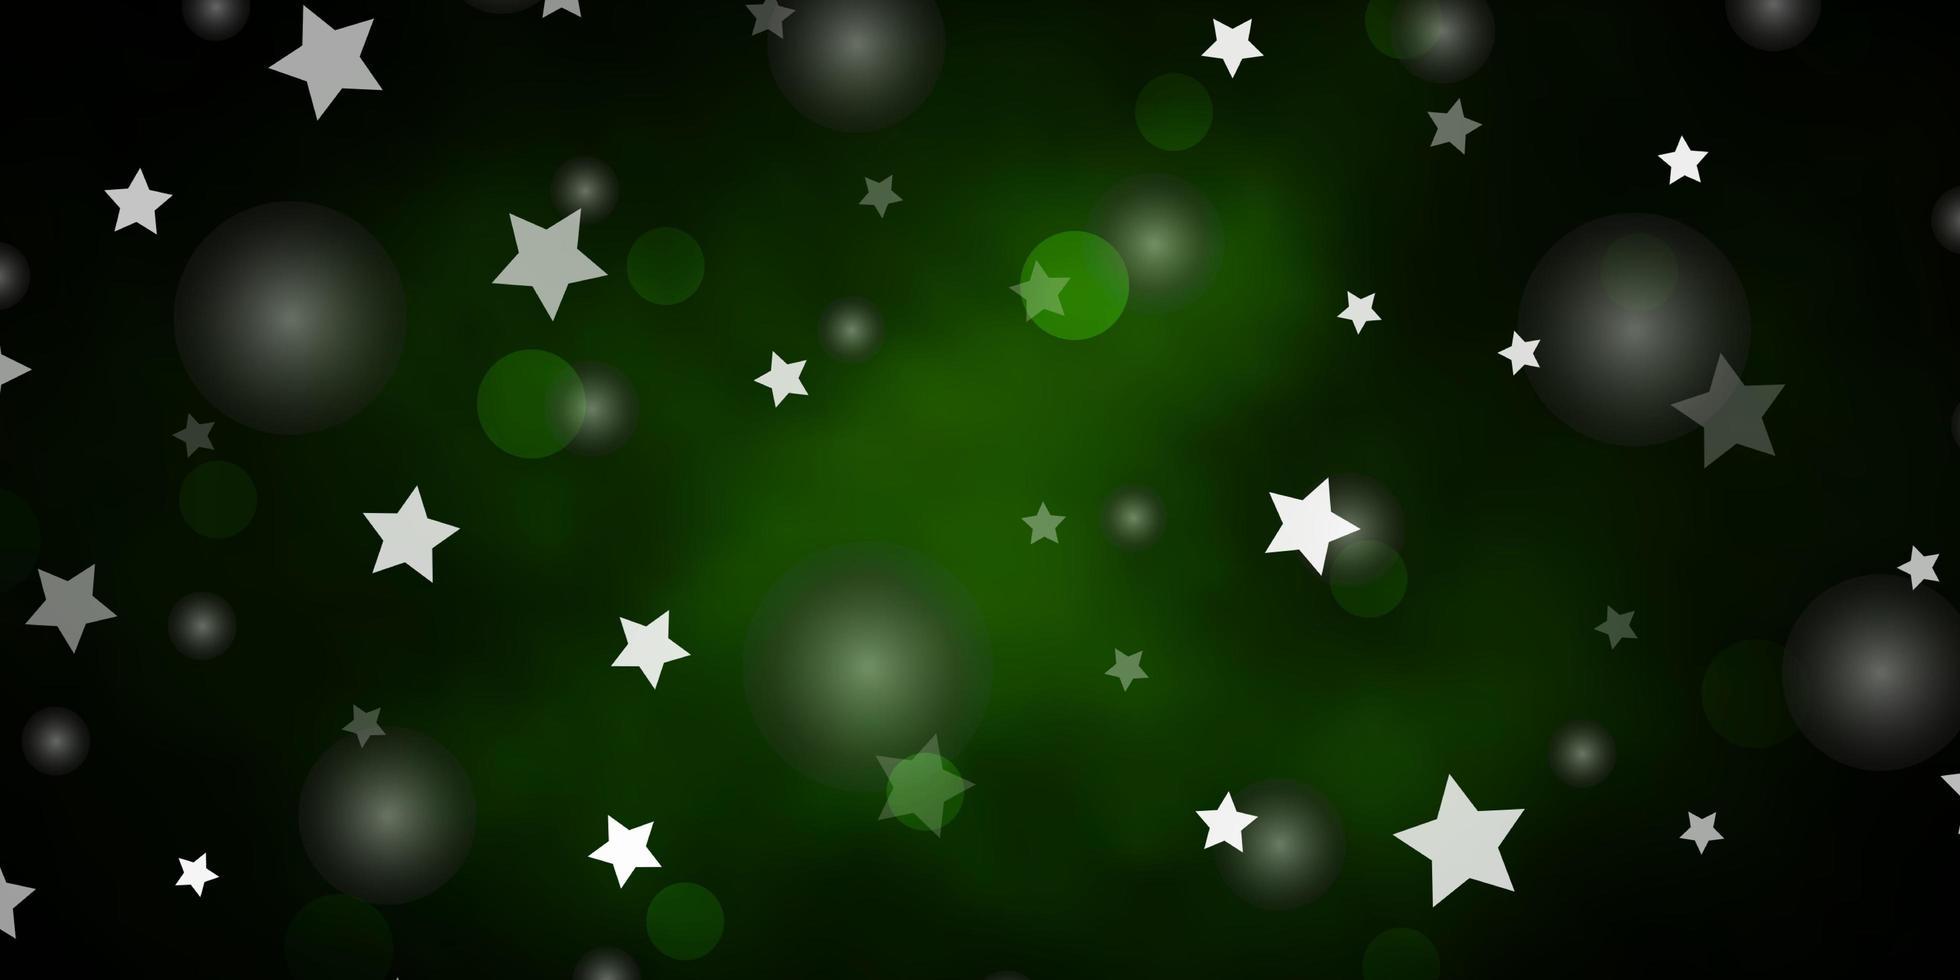 telón de fondo verde oscuro con círculos, estrellas. vector